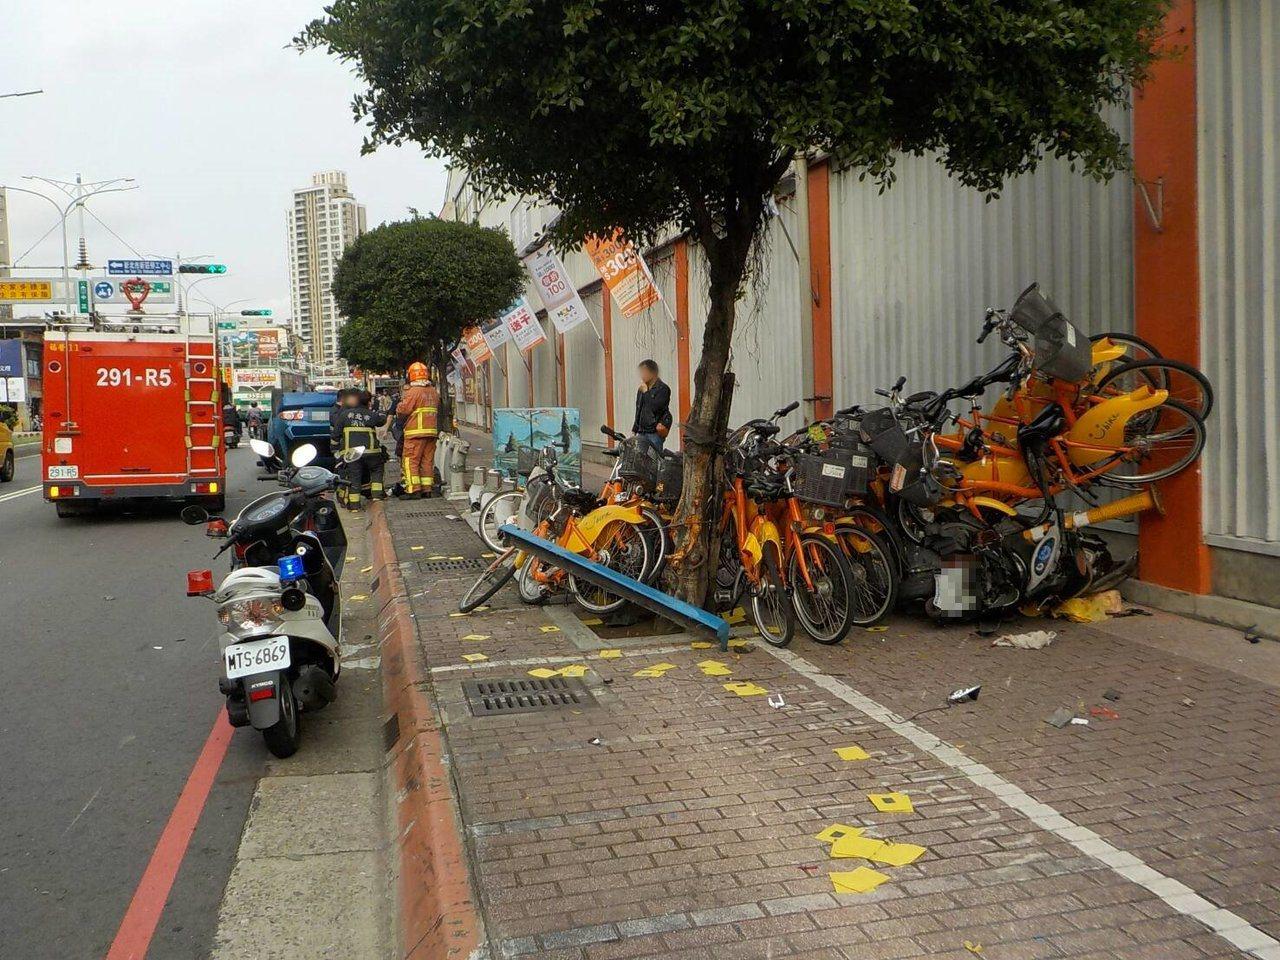 整排Ubike自行車都撞成一坨糾纏在一起,場面怵目驚心。記者巫鴻瑋/翻攝